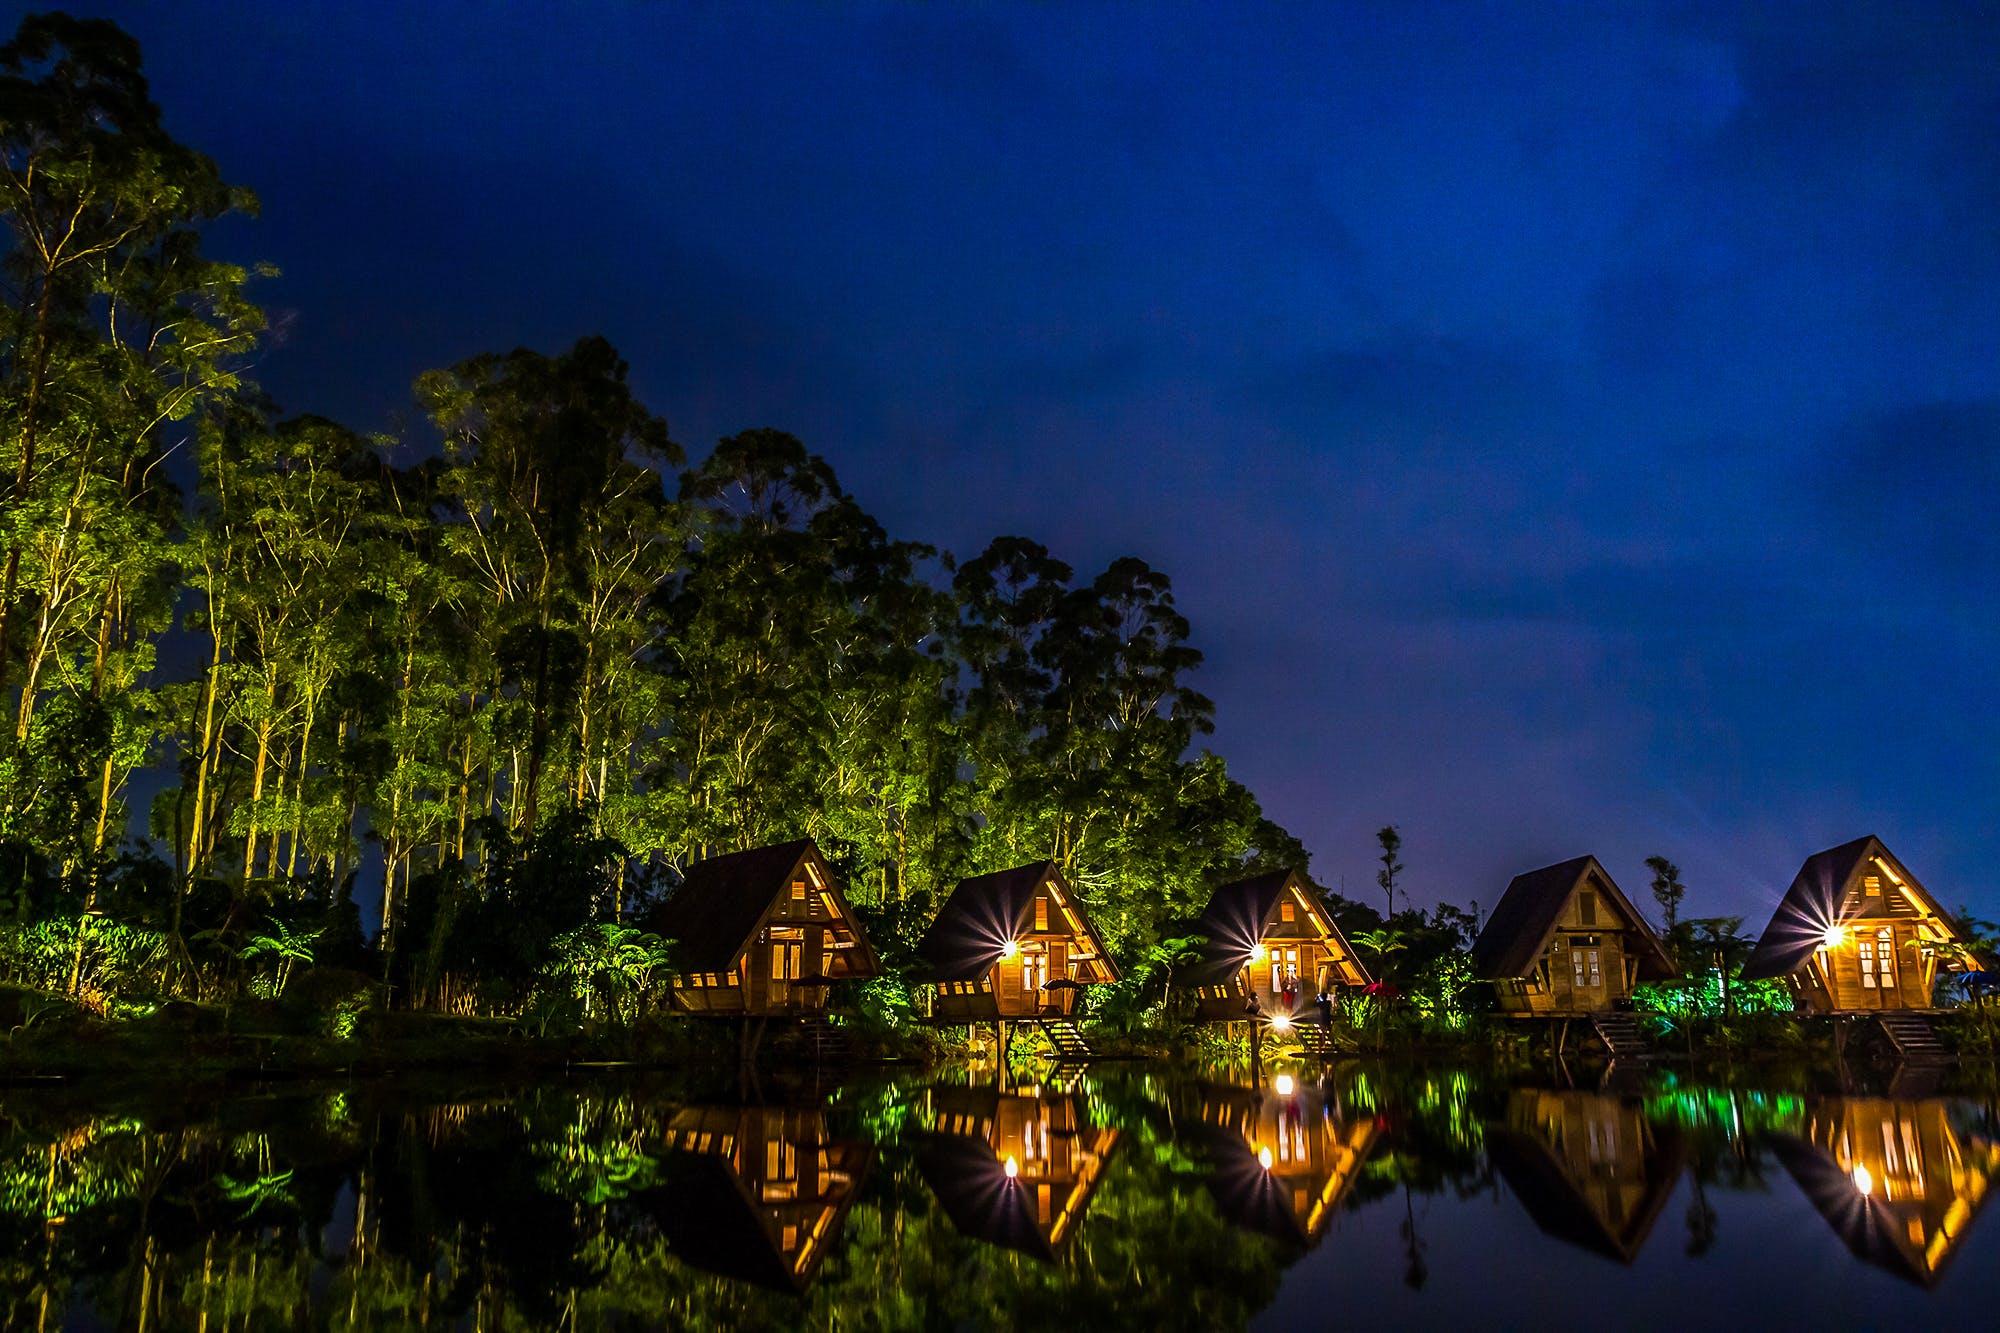 Kostenloses Stock Foto zu bäume, beleuchtung, dunkel, fluss